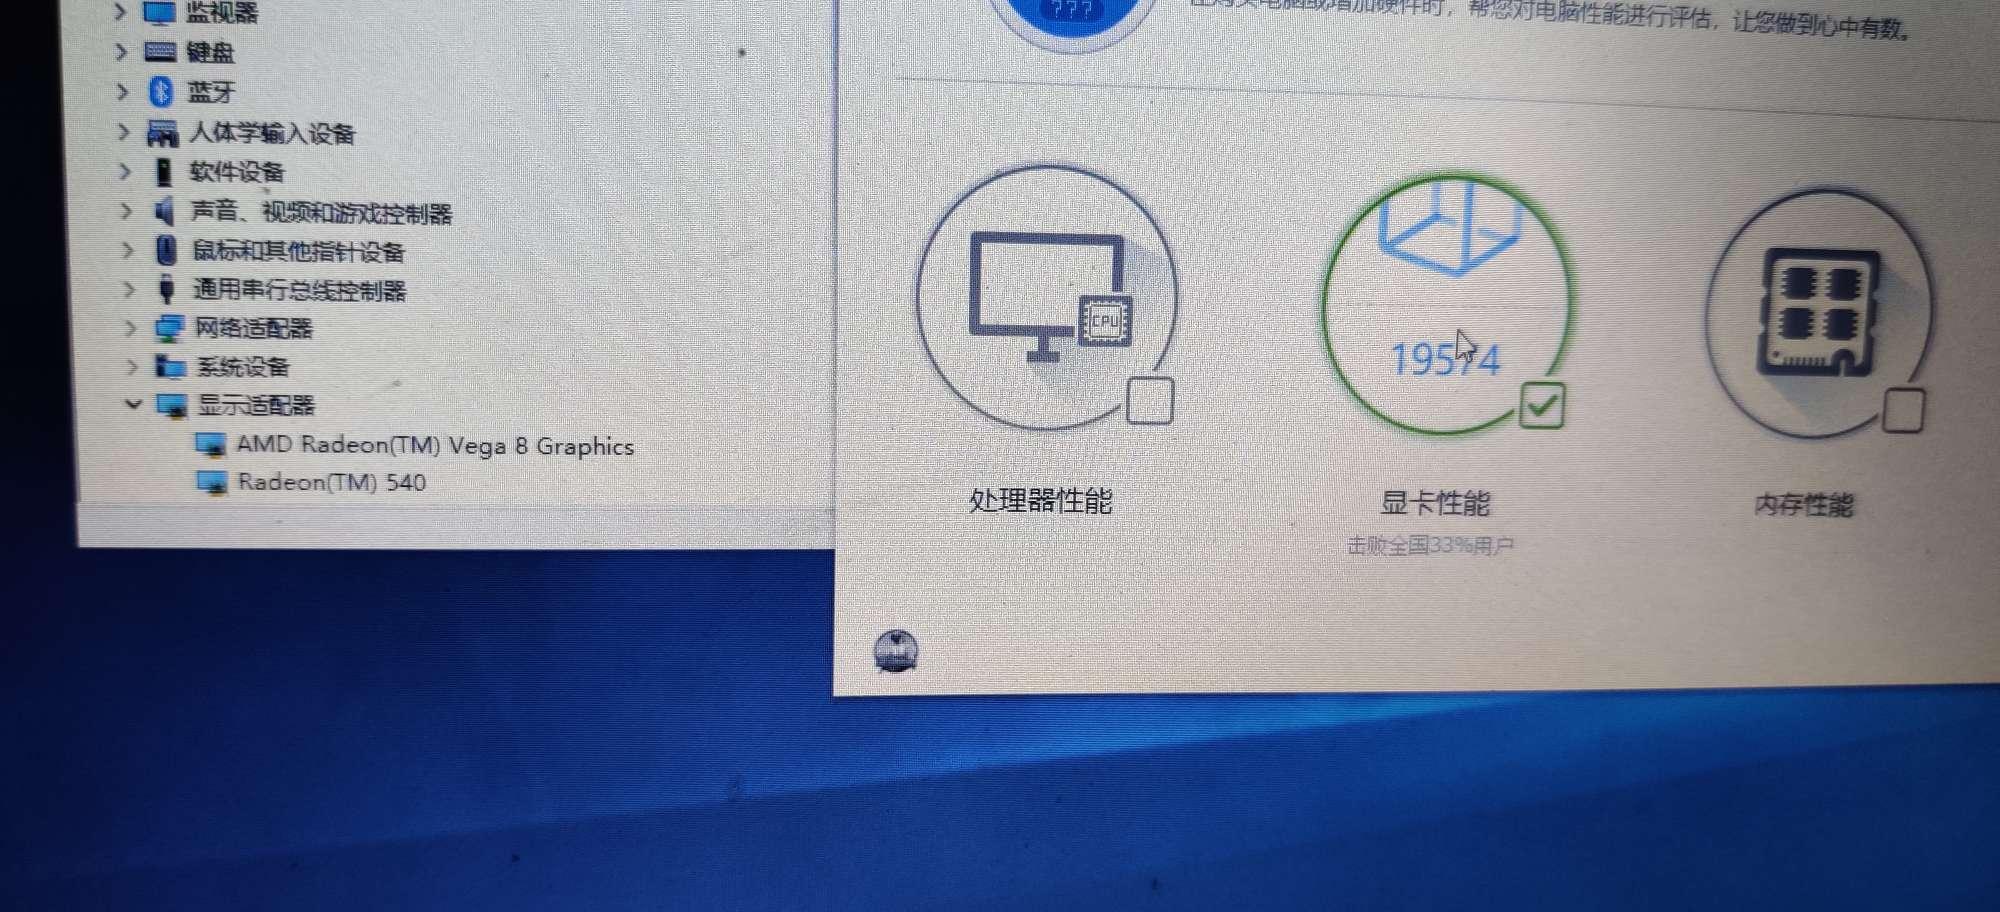 大神们帮我看看为什么我的Radeon 540分数会这么低啊?